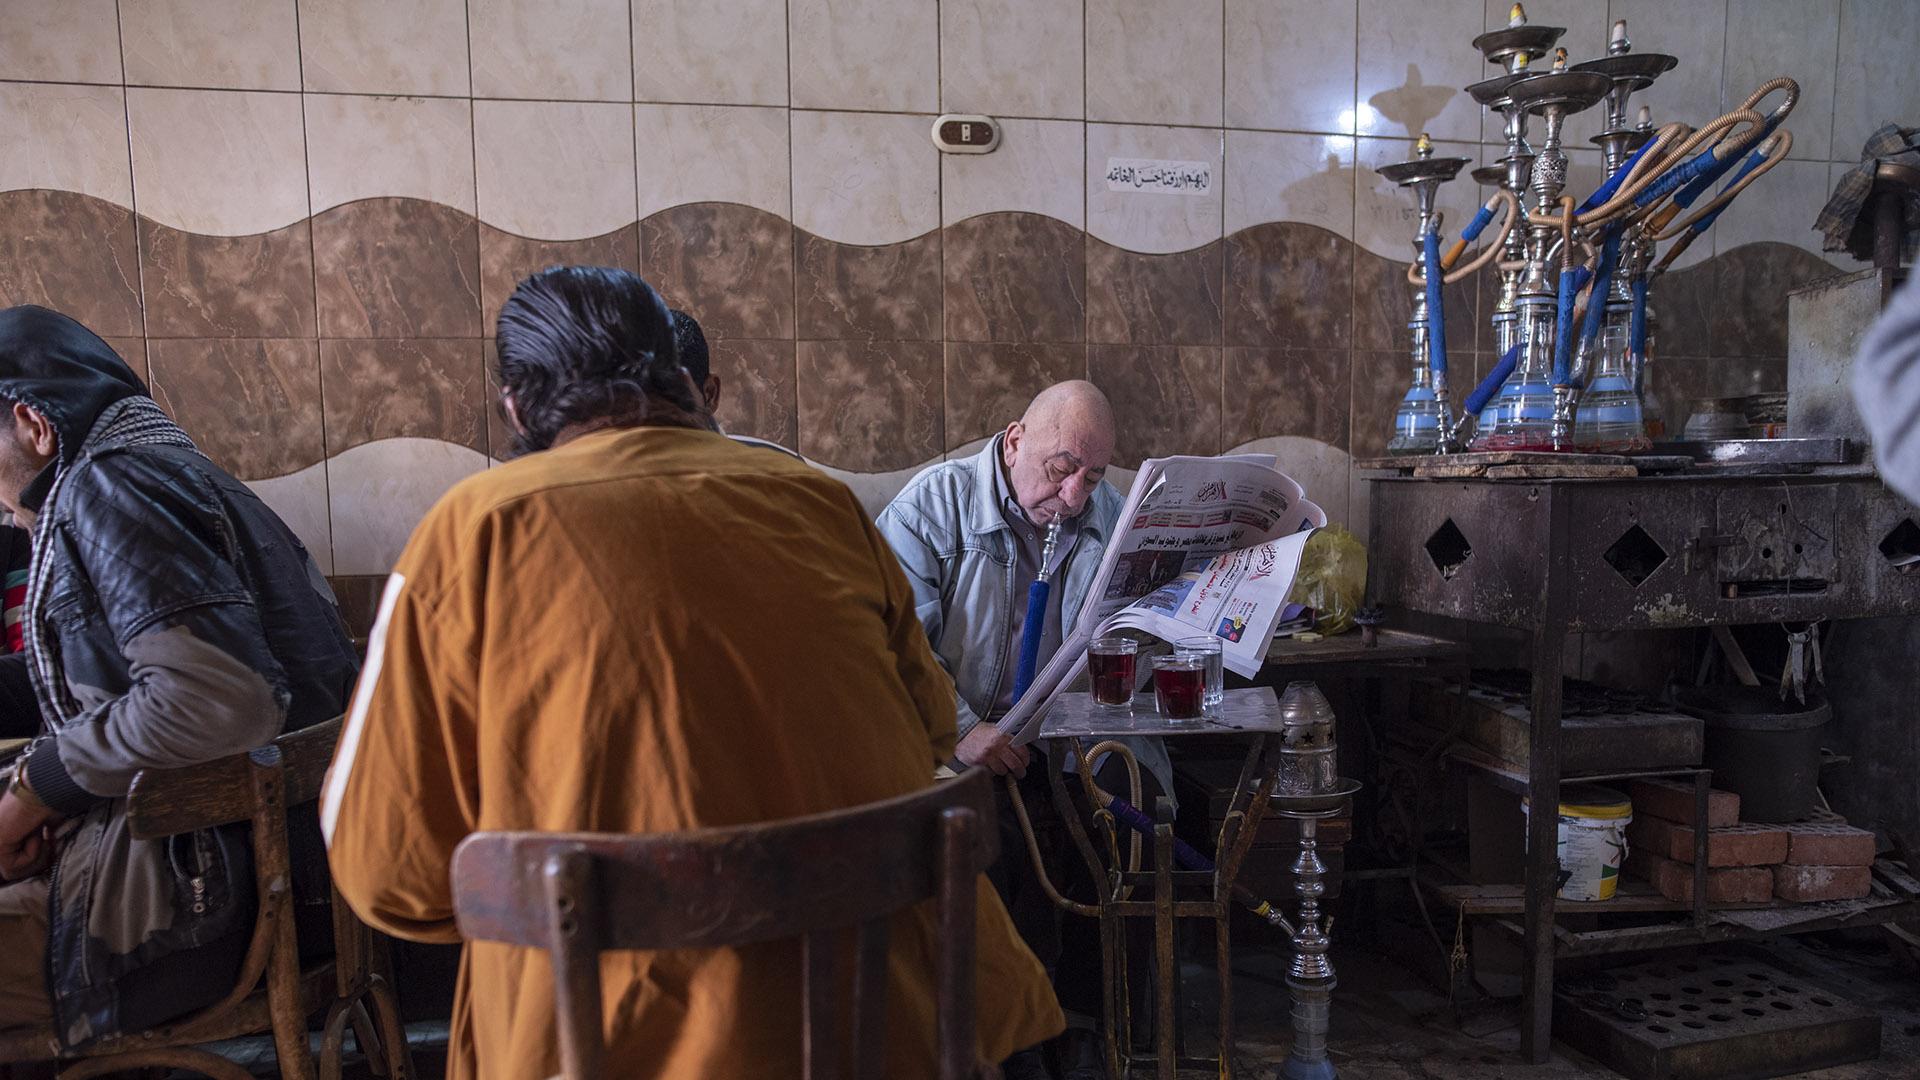 20190111 Cairo 589 stor